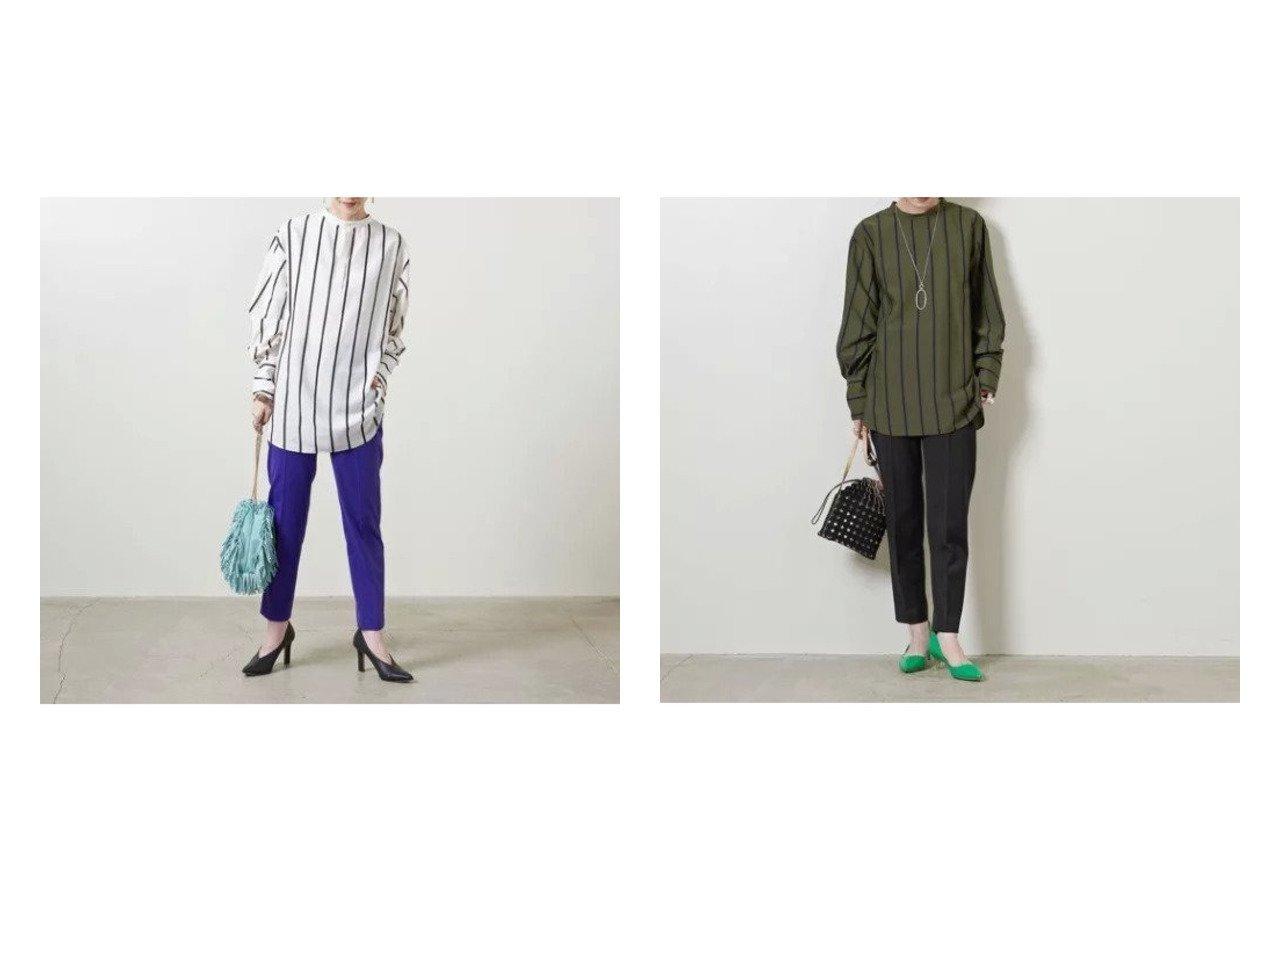 【UNITED ARROWS/ユナイテッドアローズ】のR ツイル スリムパンツ 21AW 【パンツ】おすすめ!人気、トレンド・レディースファッションの通販 おすすめで人気の流行・トレンド、ファッションの通販商品 インテリア・家具・メンズファッション・キッズファッション・レディースファッション・服の通販 founy(ファニー) https://founy.com/ ファッション Fashion レディースファッション WOMEN パンツ Pants クロップド ジャケット スリム センター ツイル A/W・秋冬 AW・Autumn/Winter・FW・Fall-Winter 2021年 2021 2021-2022秋冬・A/W AW・Autumn/Winter・FW・Fall-Winter・2021-2022 おすすめ Recommend |ID:crp329100000059490